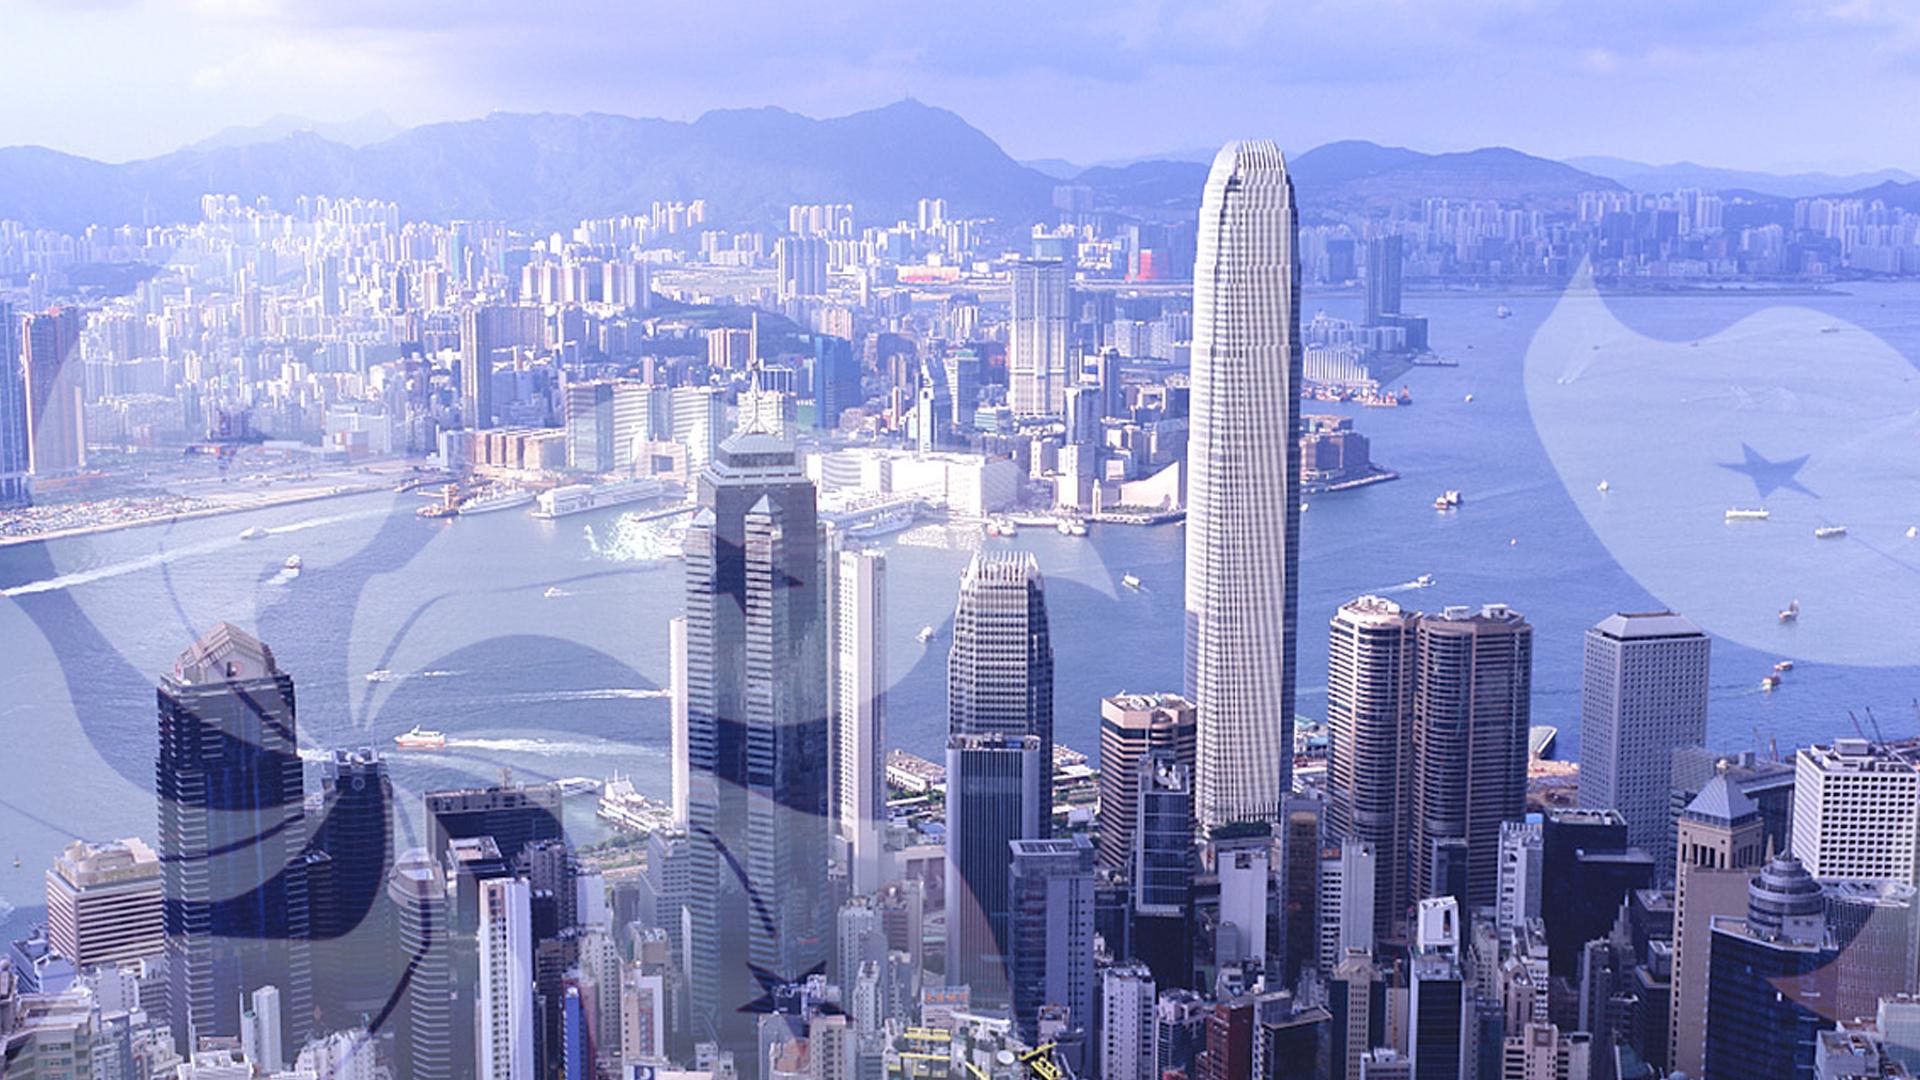 香港陷入十年来的第一次衰退 接口新闻 第2张